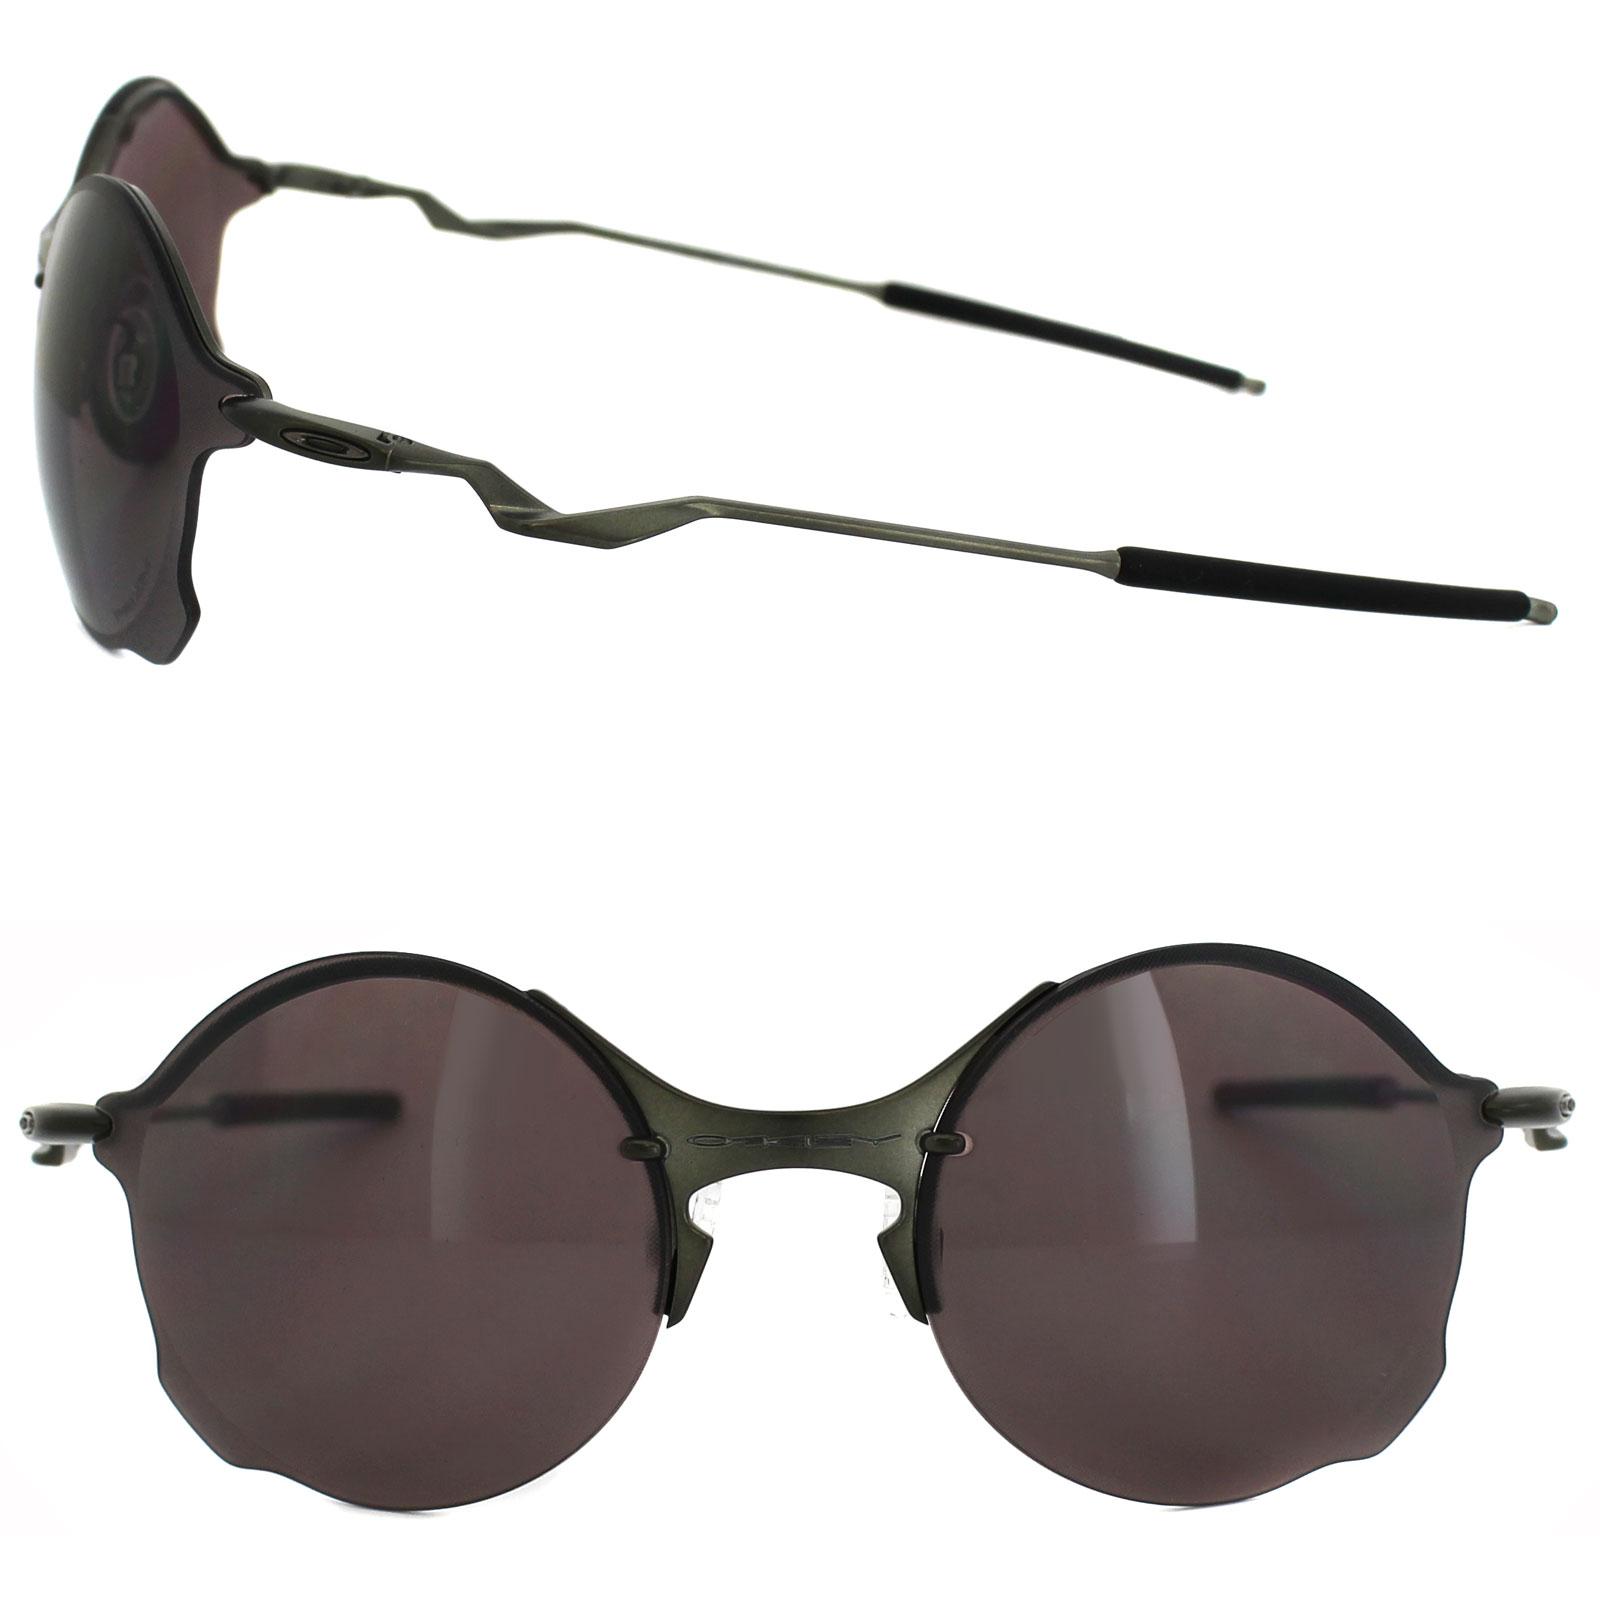 08199e794 Oakley Tailend Sunglasses Thumbnail 1 Oakley Tailend Sunglasses Thumbnail 2